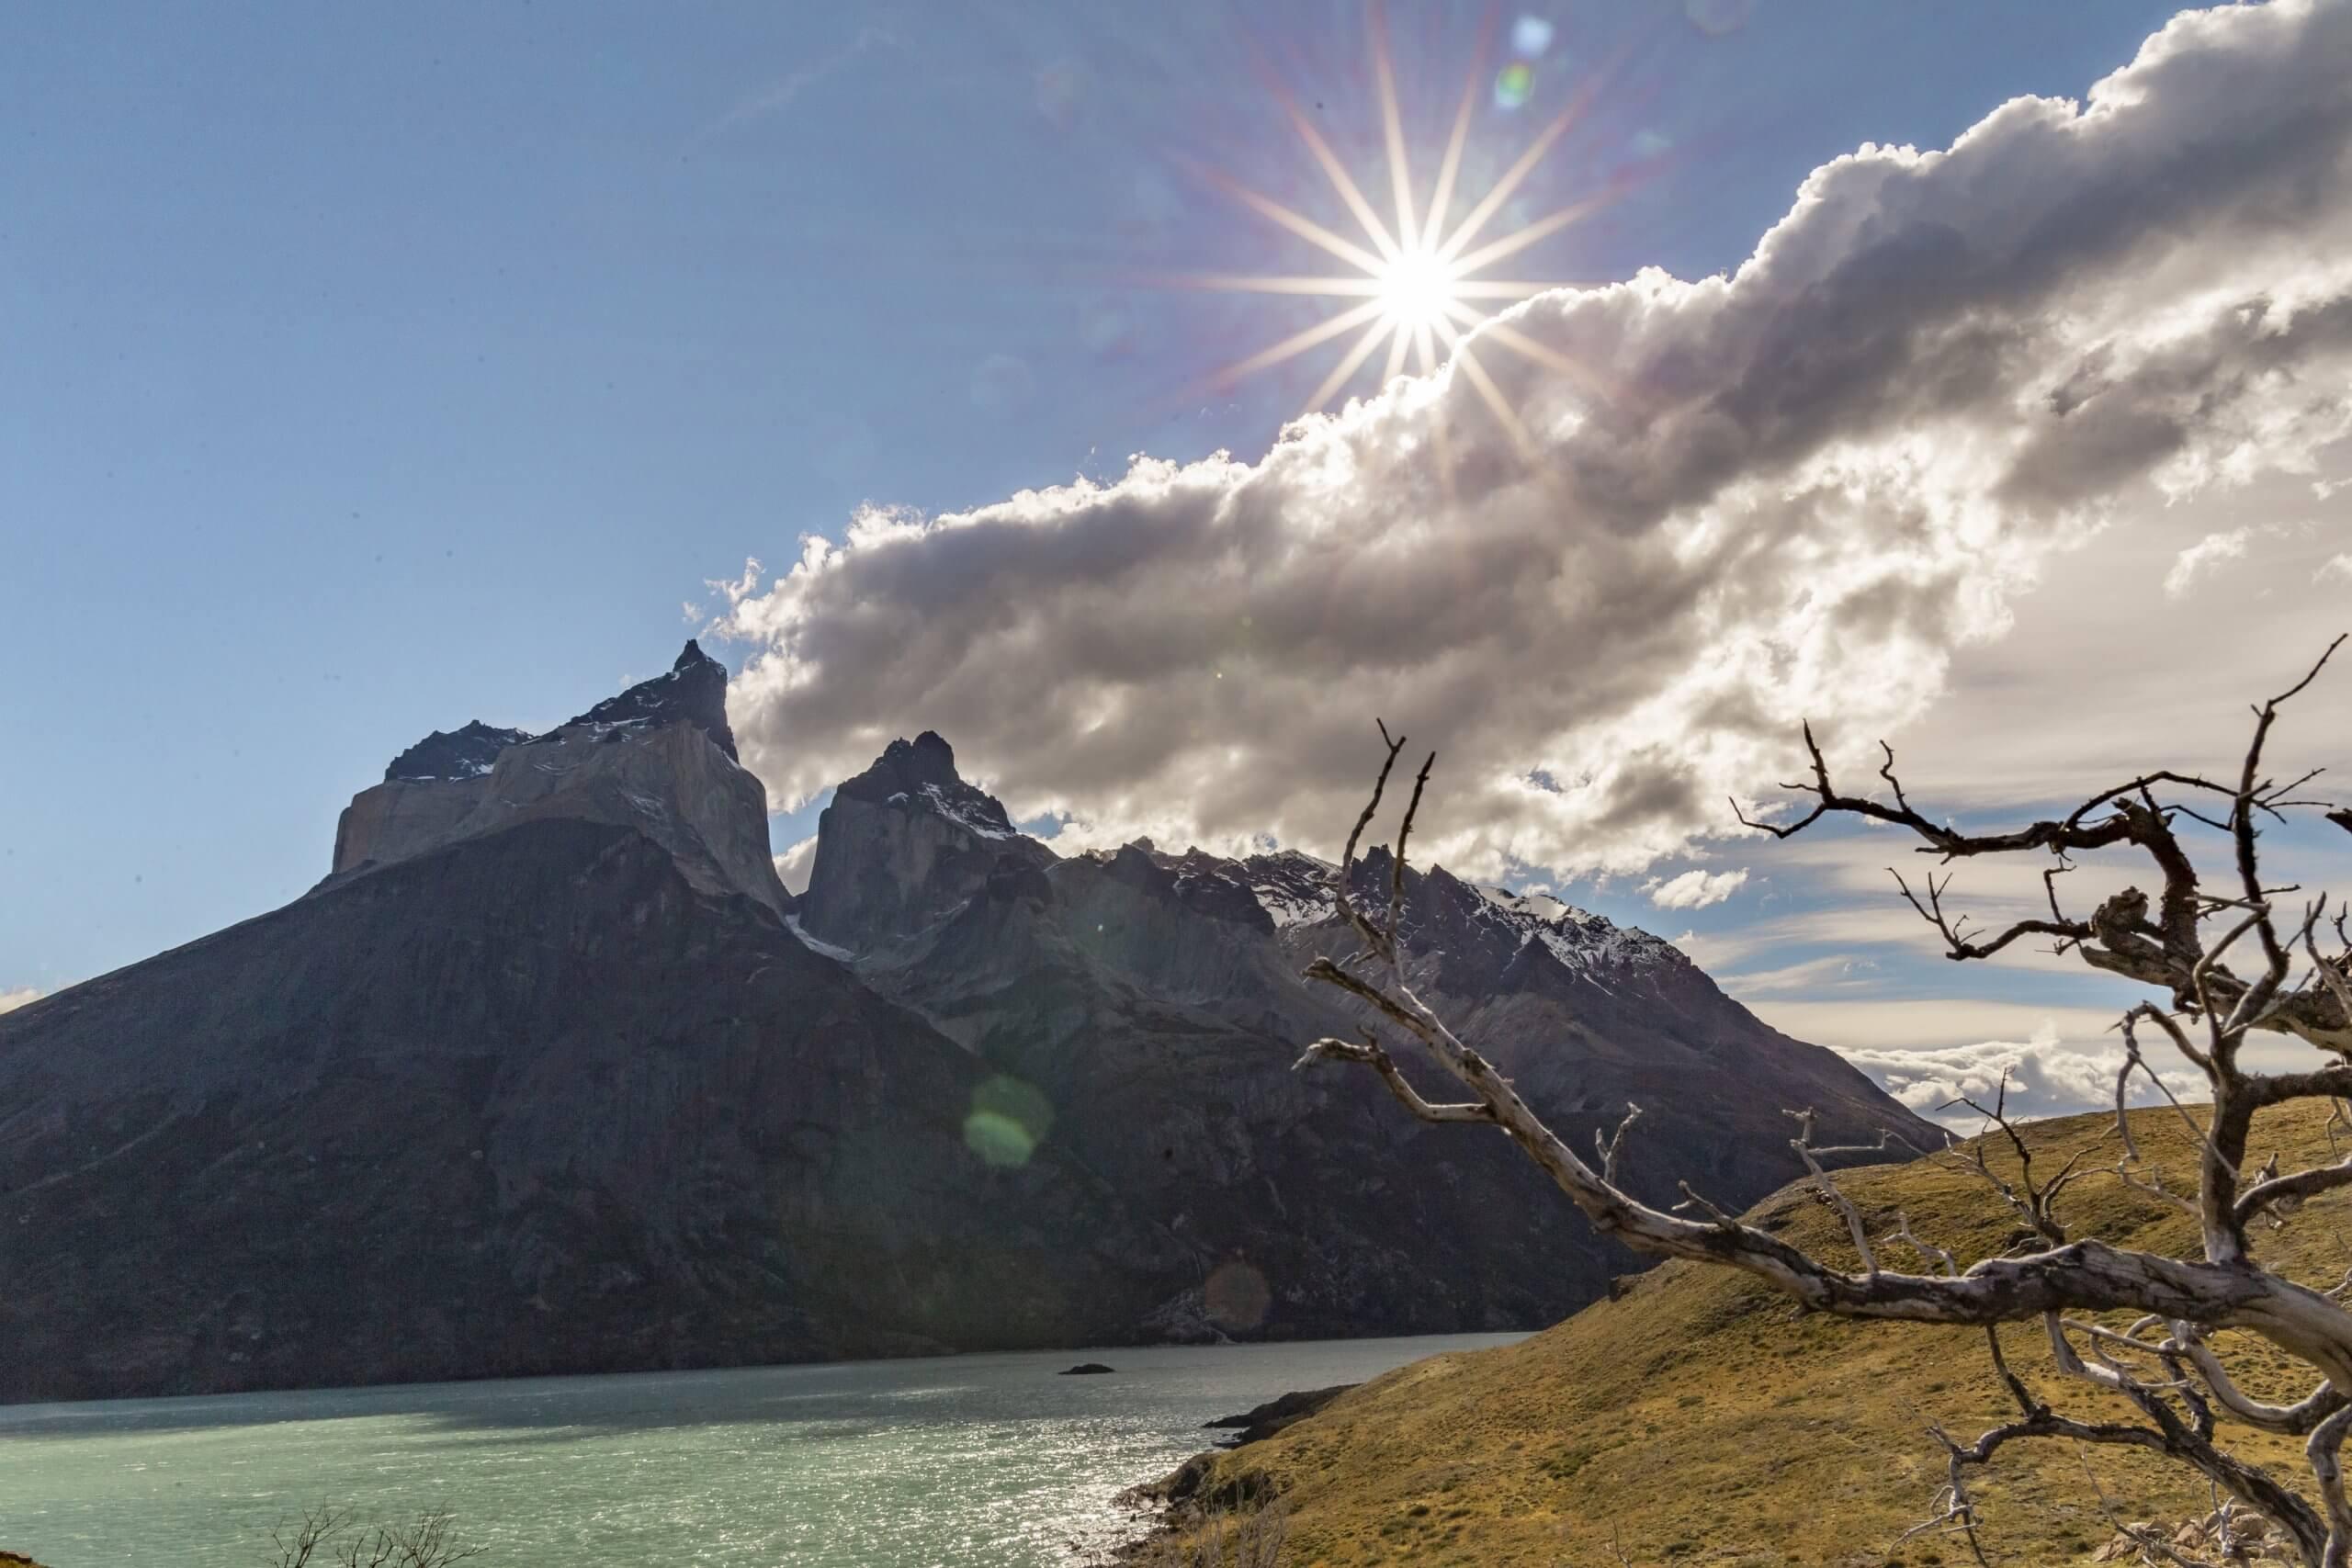 eine der schönsten Wanderungen und Aussichtspunkte im Torres del Paine Nationalpark - Mirador Cuernos